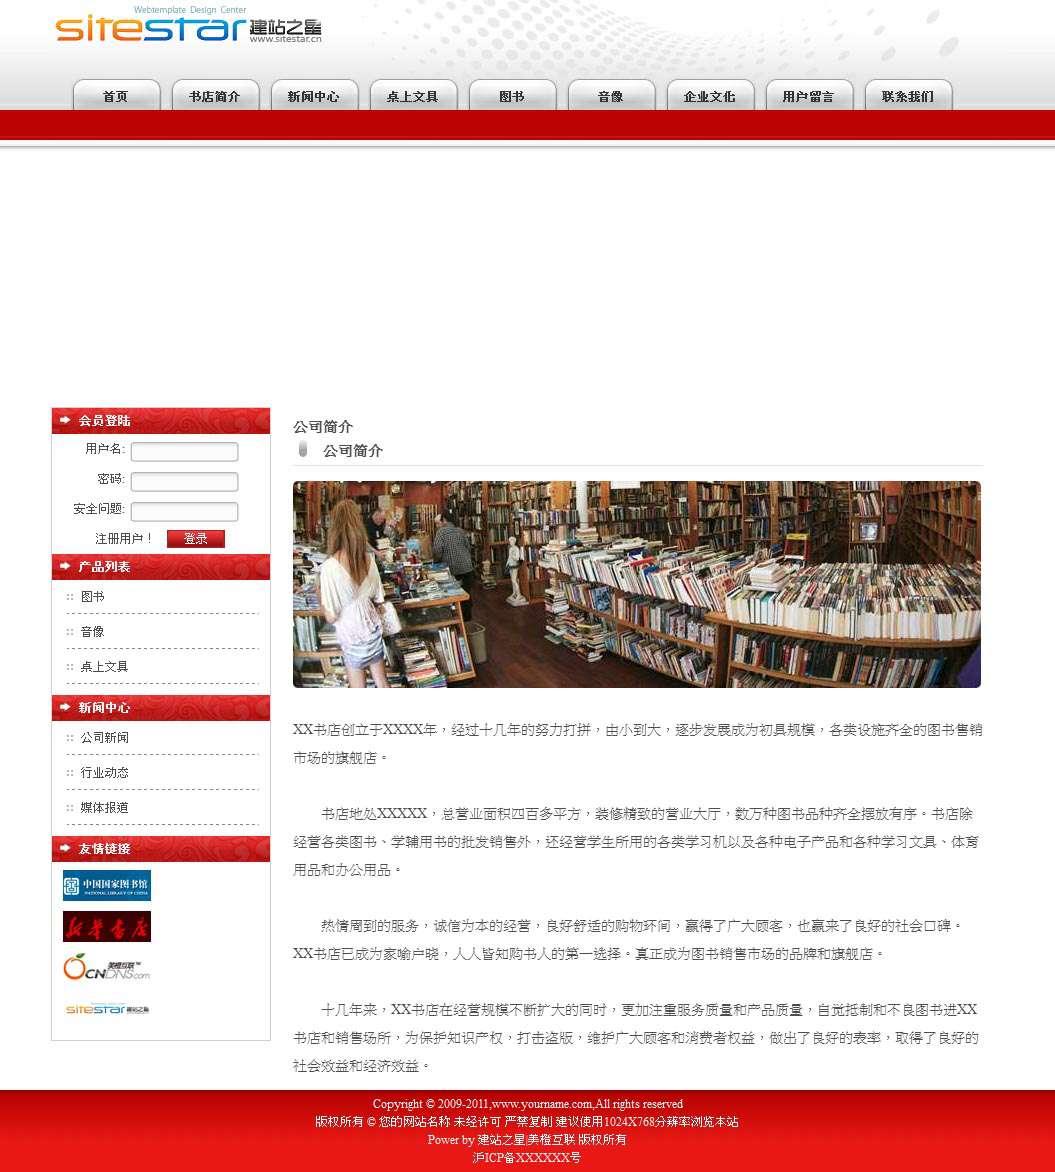 企业网站-文教A1模板关于我们页面